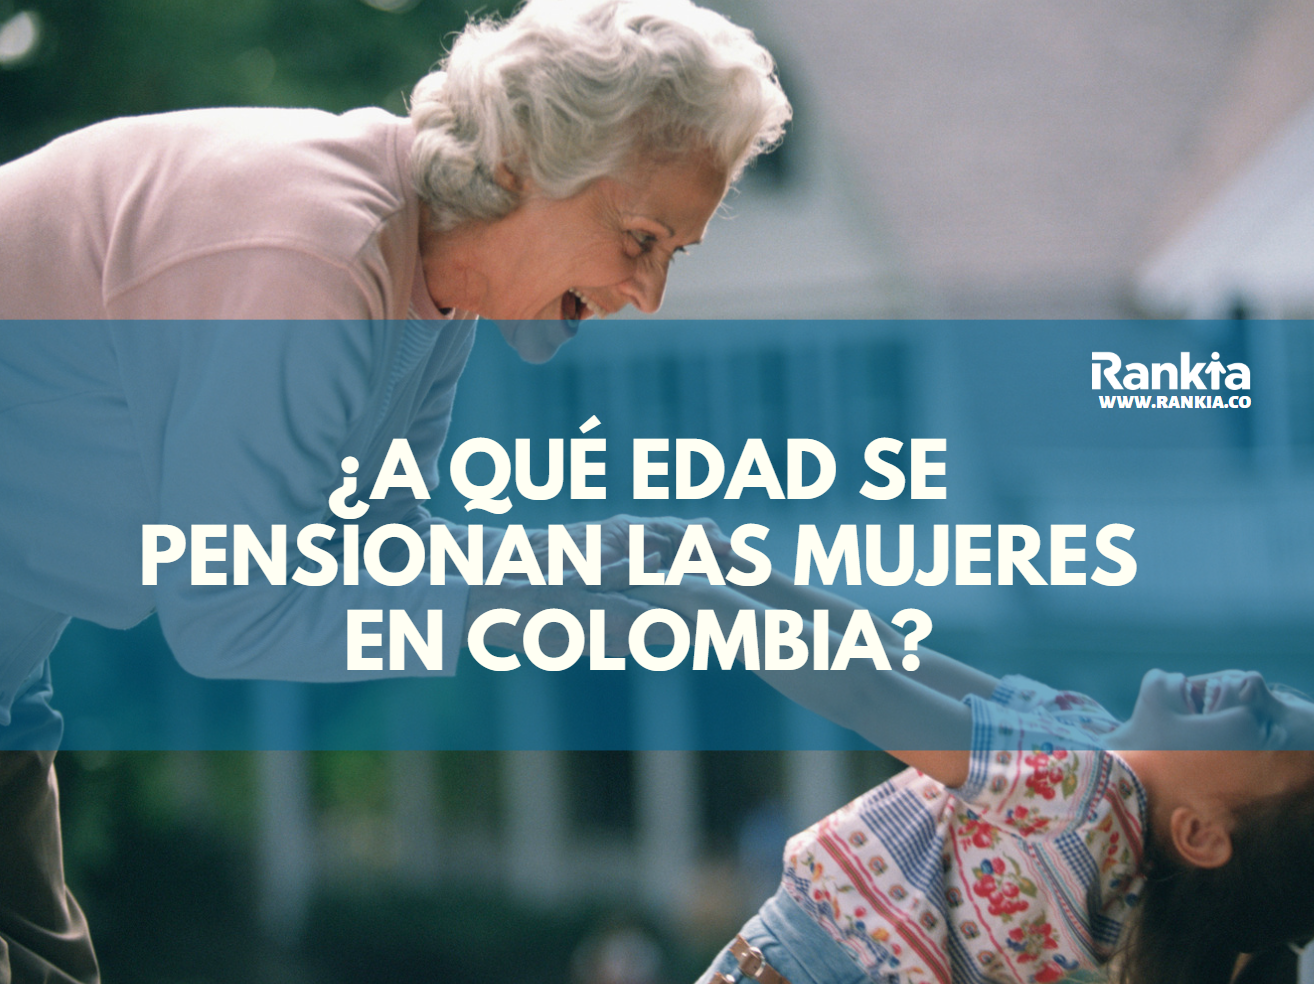 ¿A qué edad se pensionan las mujeres en Colombia?